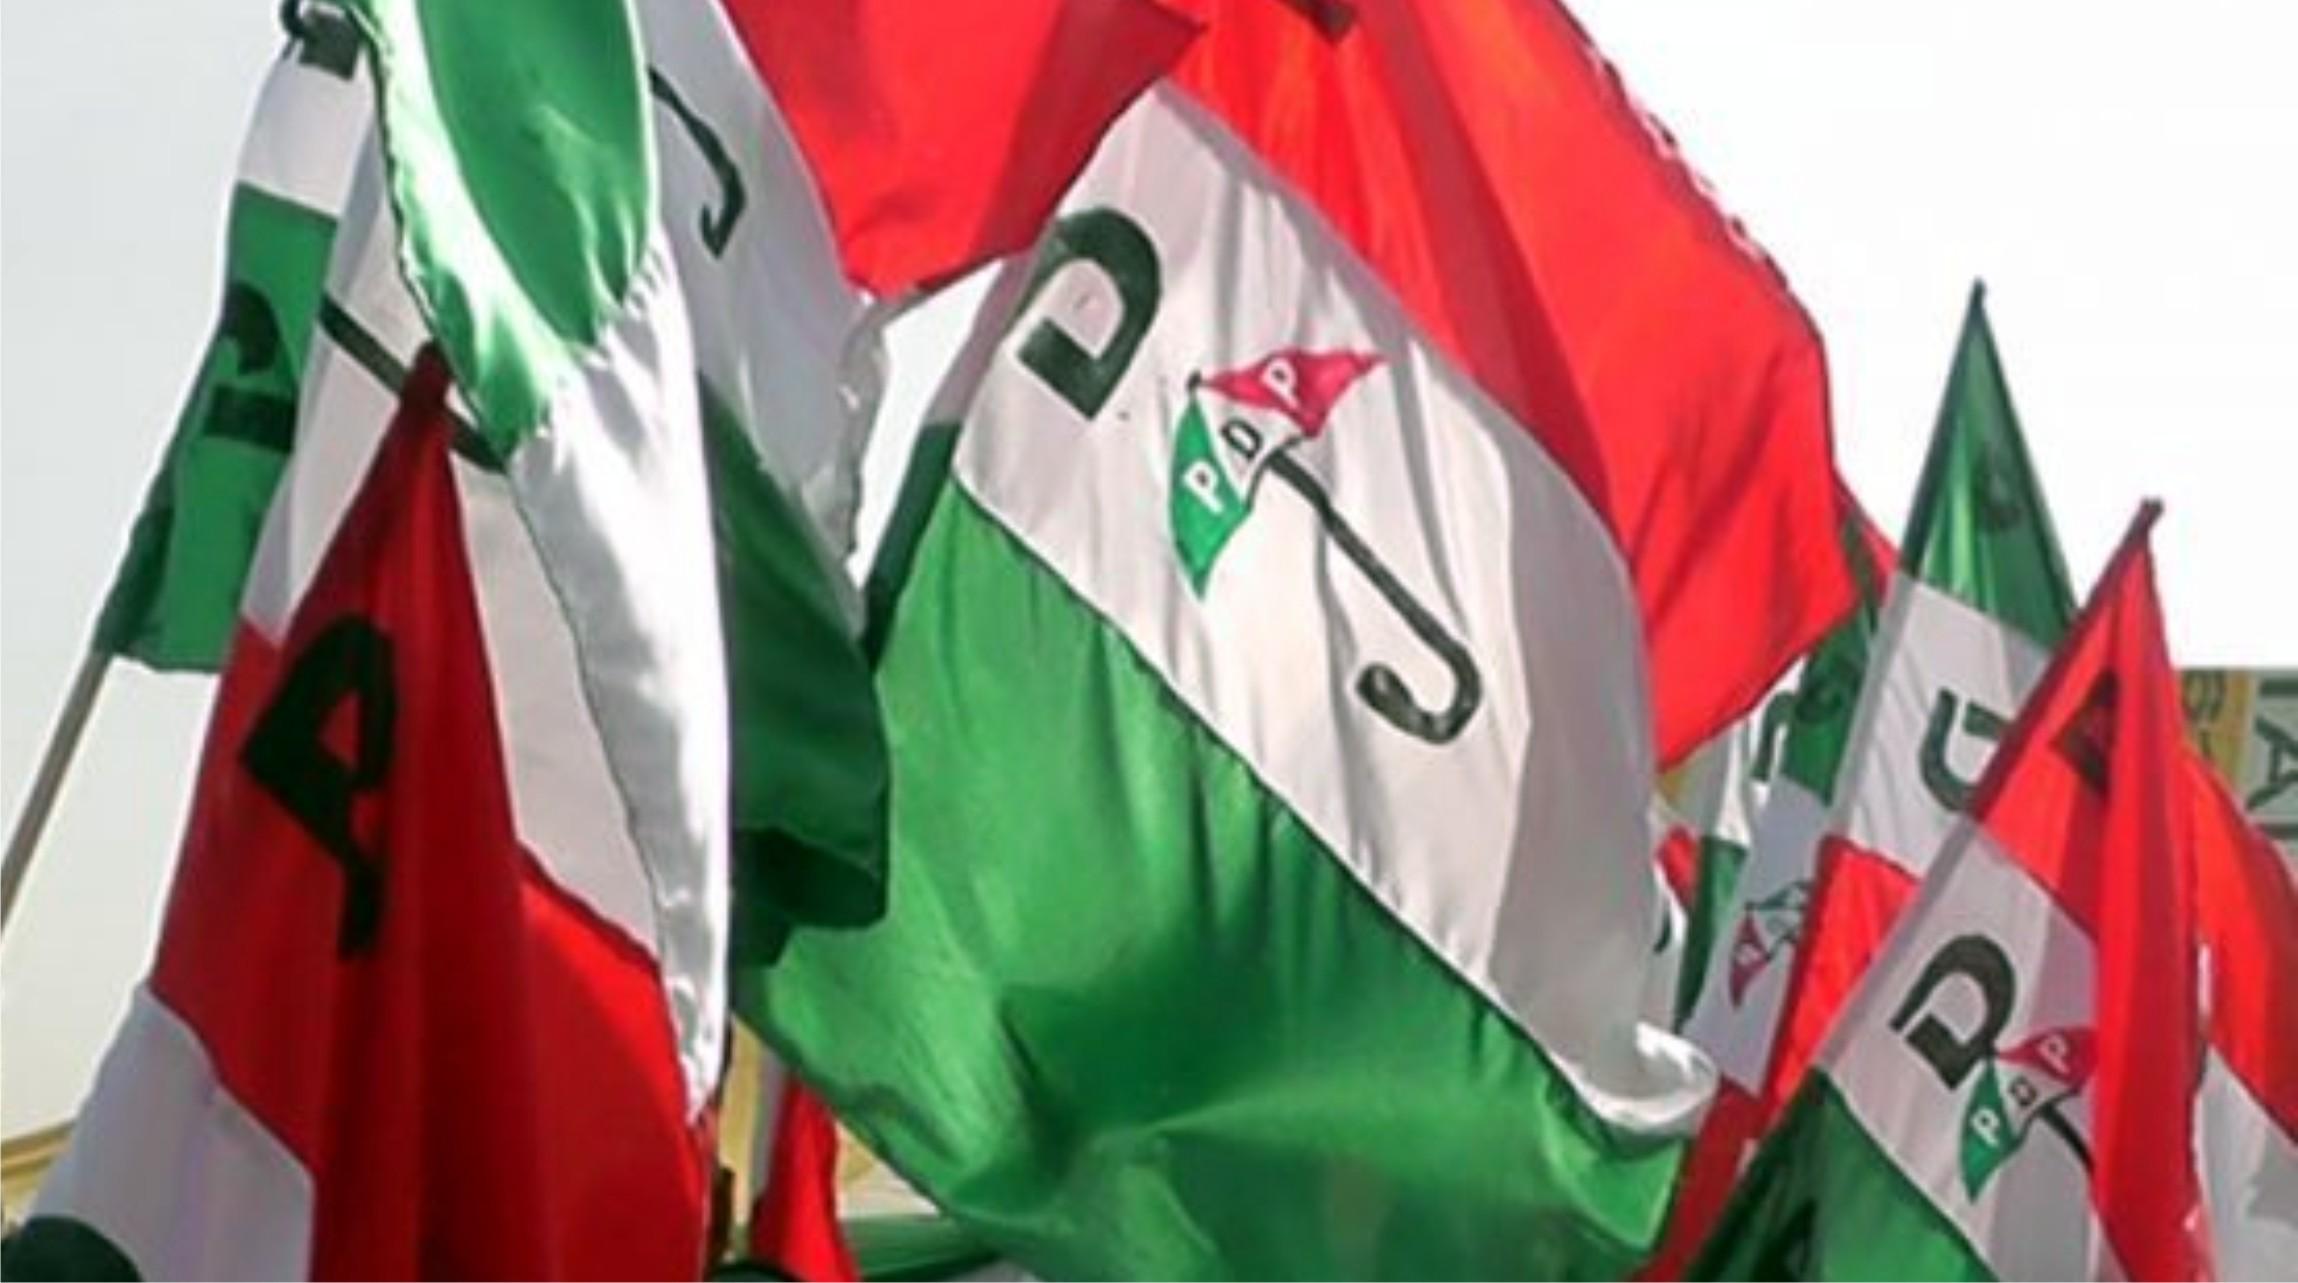 Kogi Guber Poll: 10 Aspirants Back PDP Candidate